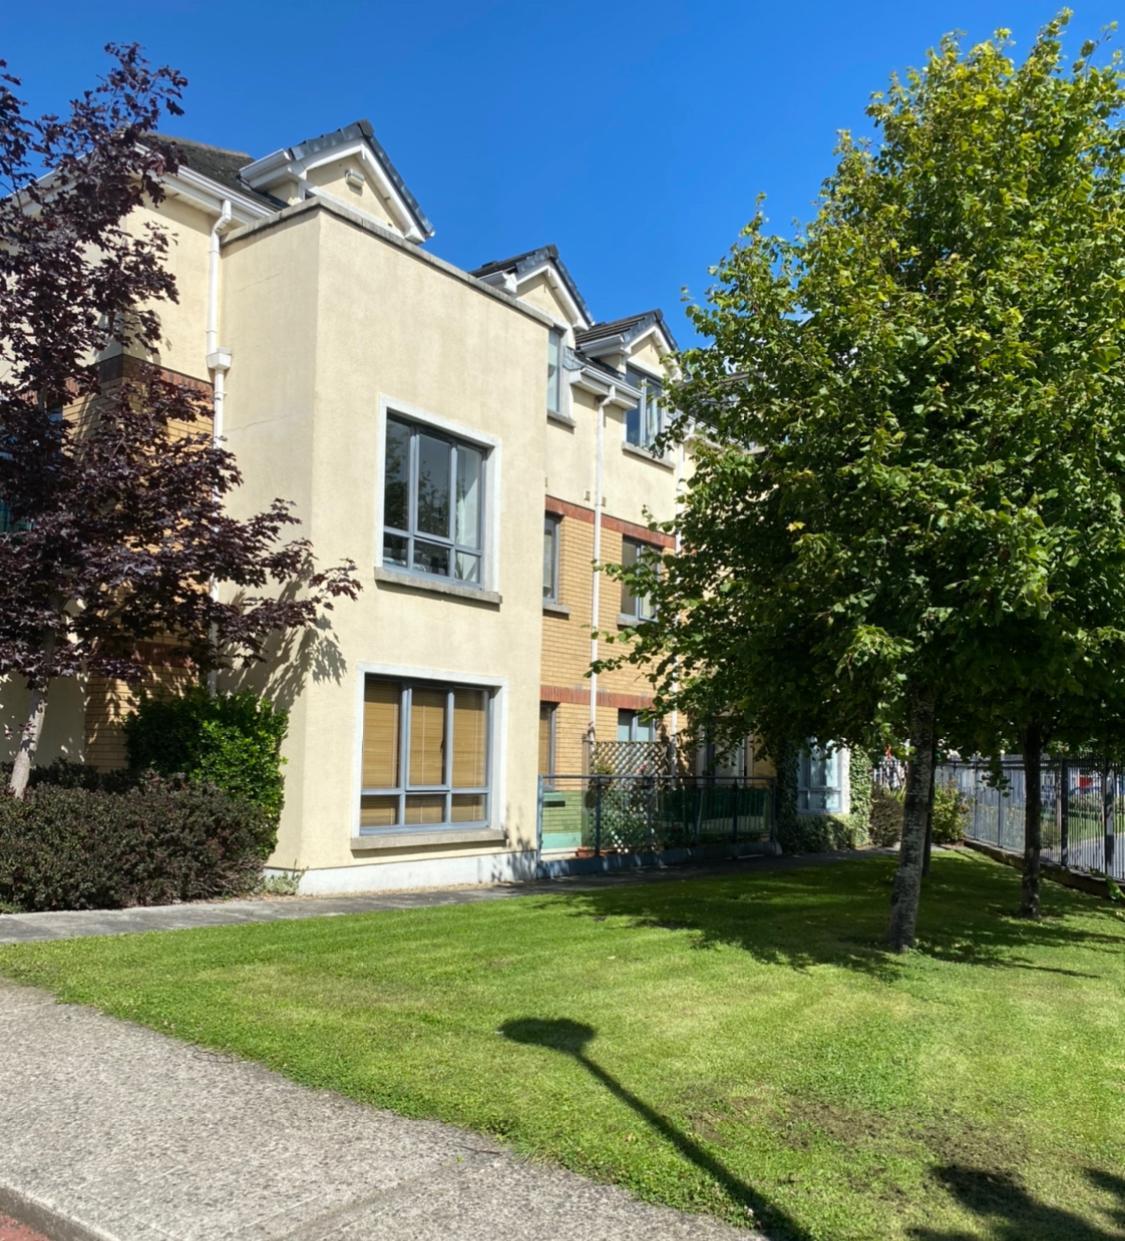 Apartment 20, Block A, Wolsey House, Swords, Co. Dublin